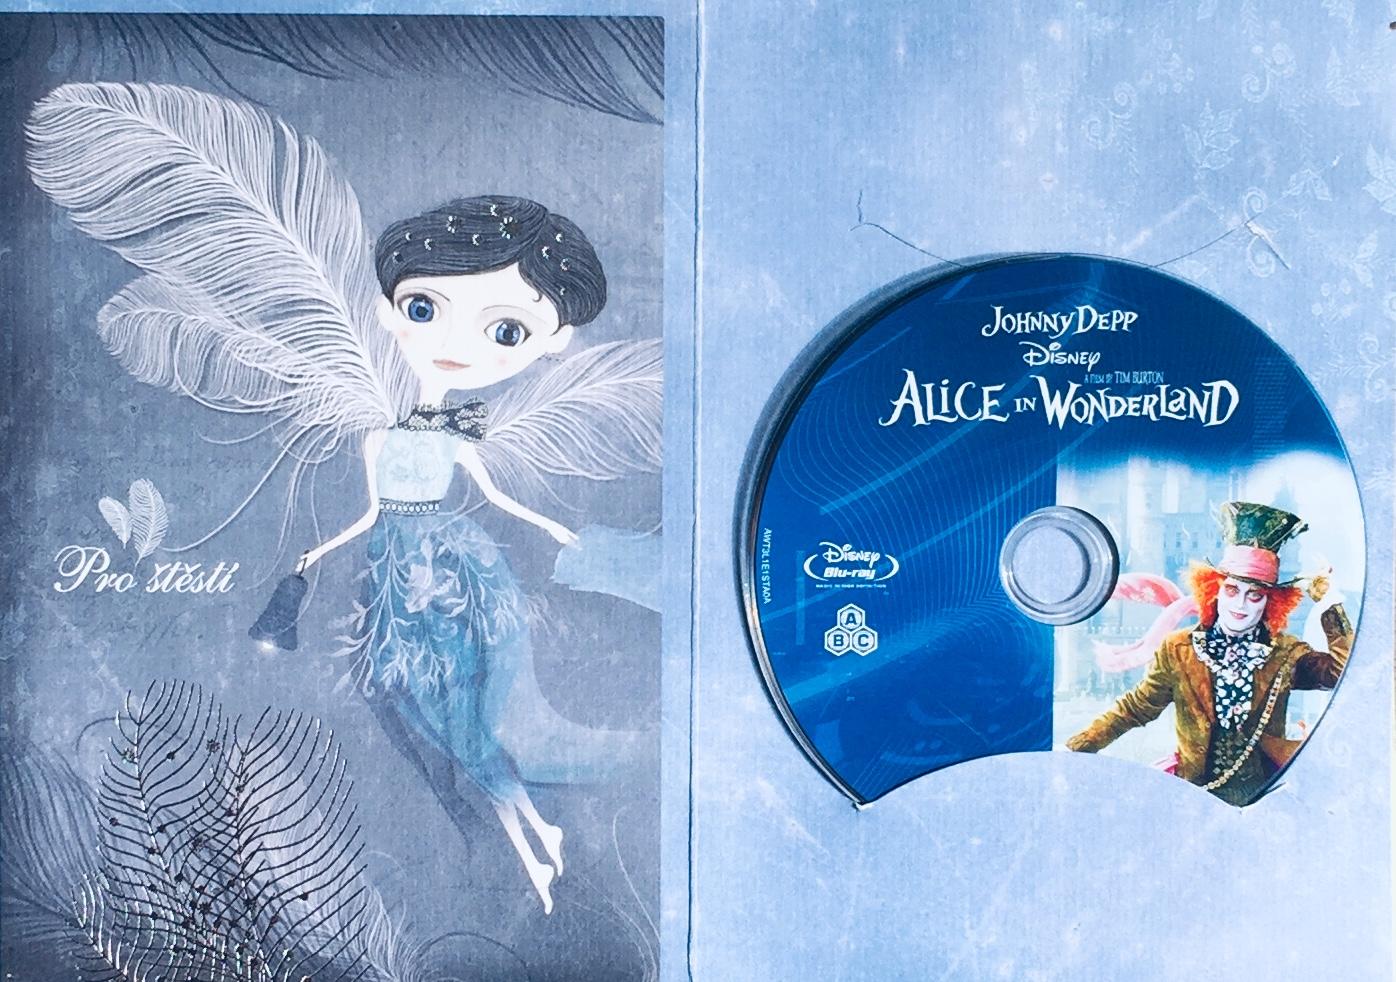 Alenka v říši divů - Blu-ray Disc /dárkový obal/